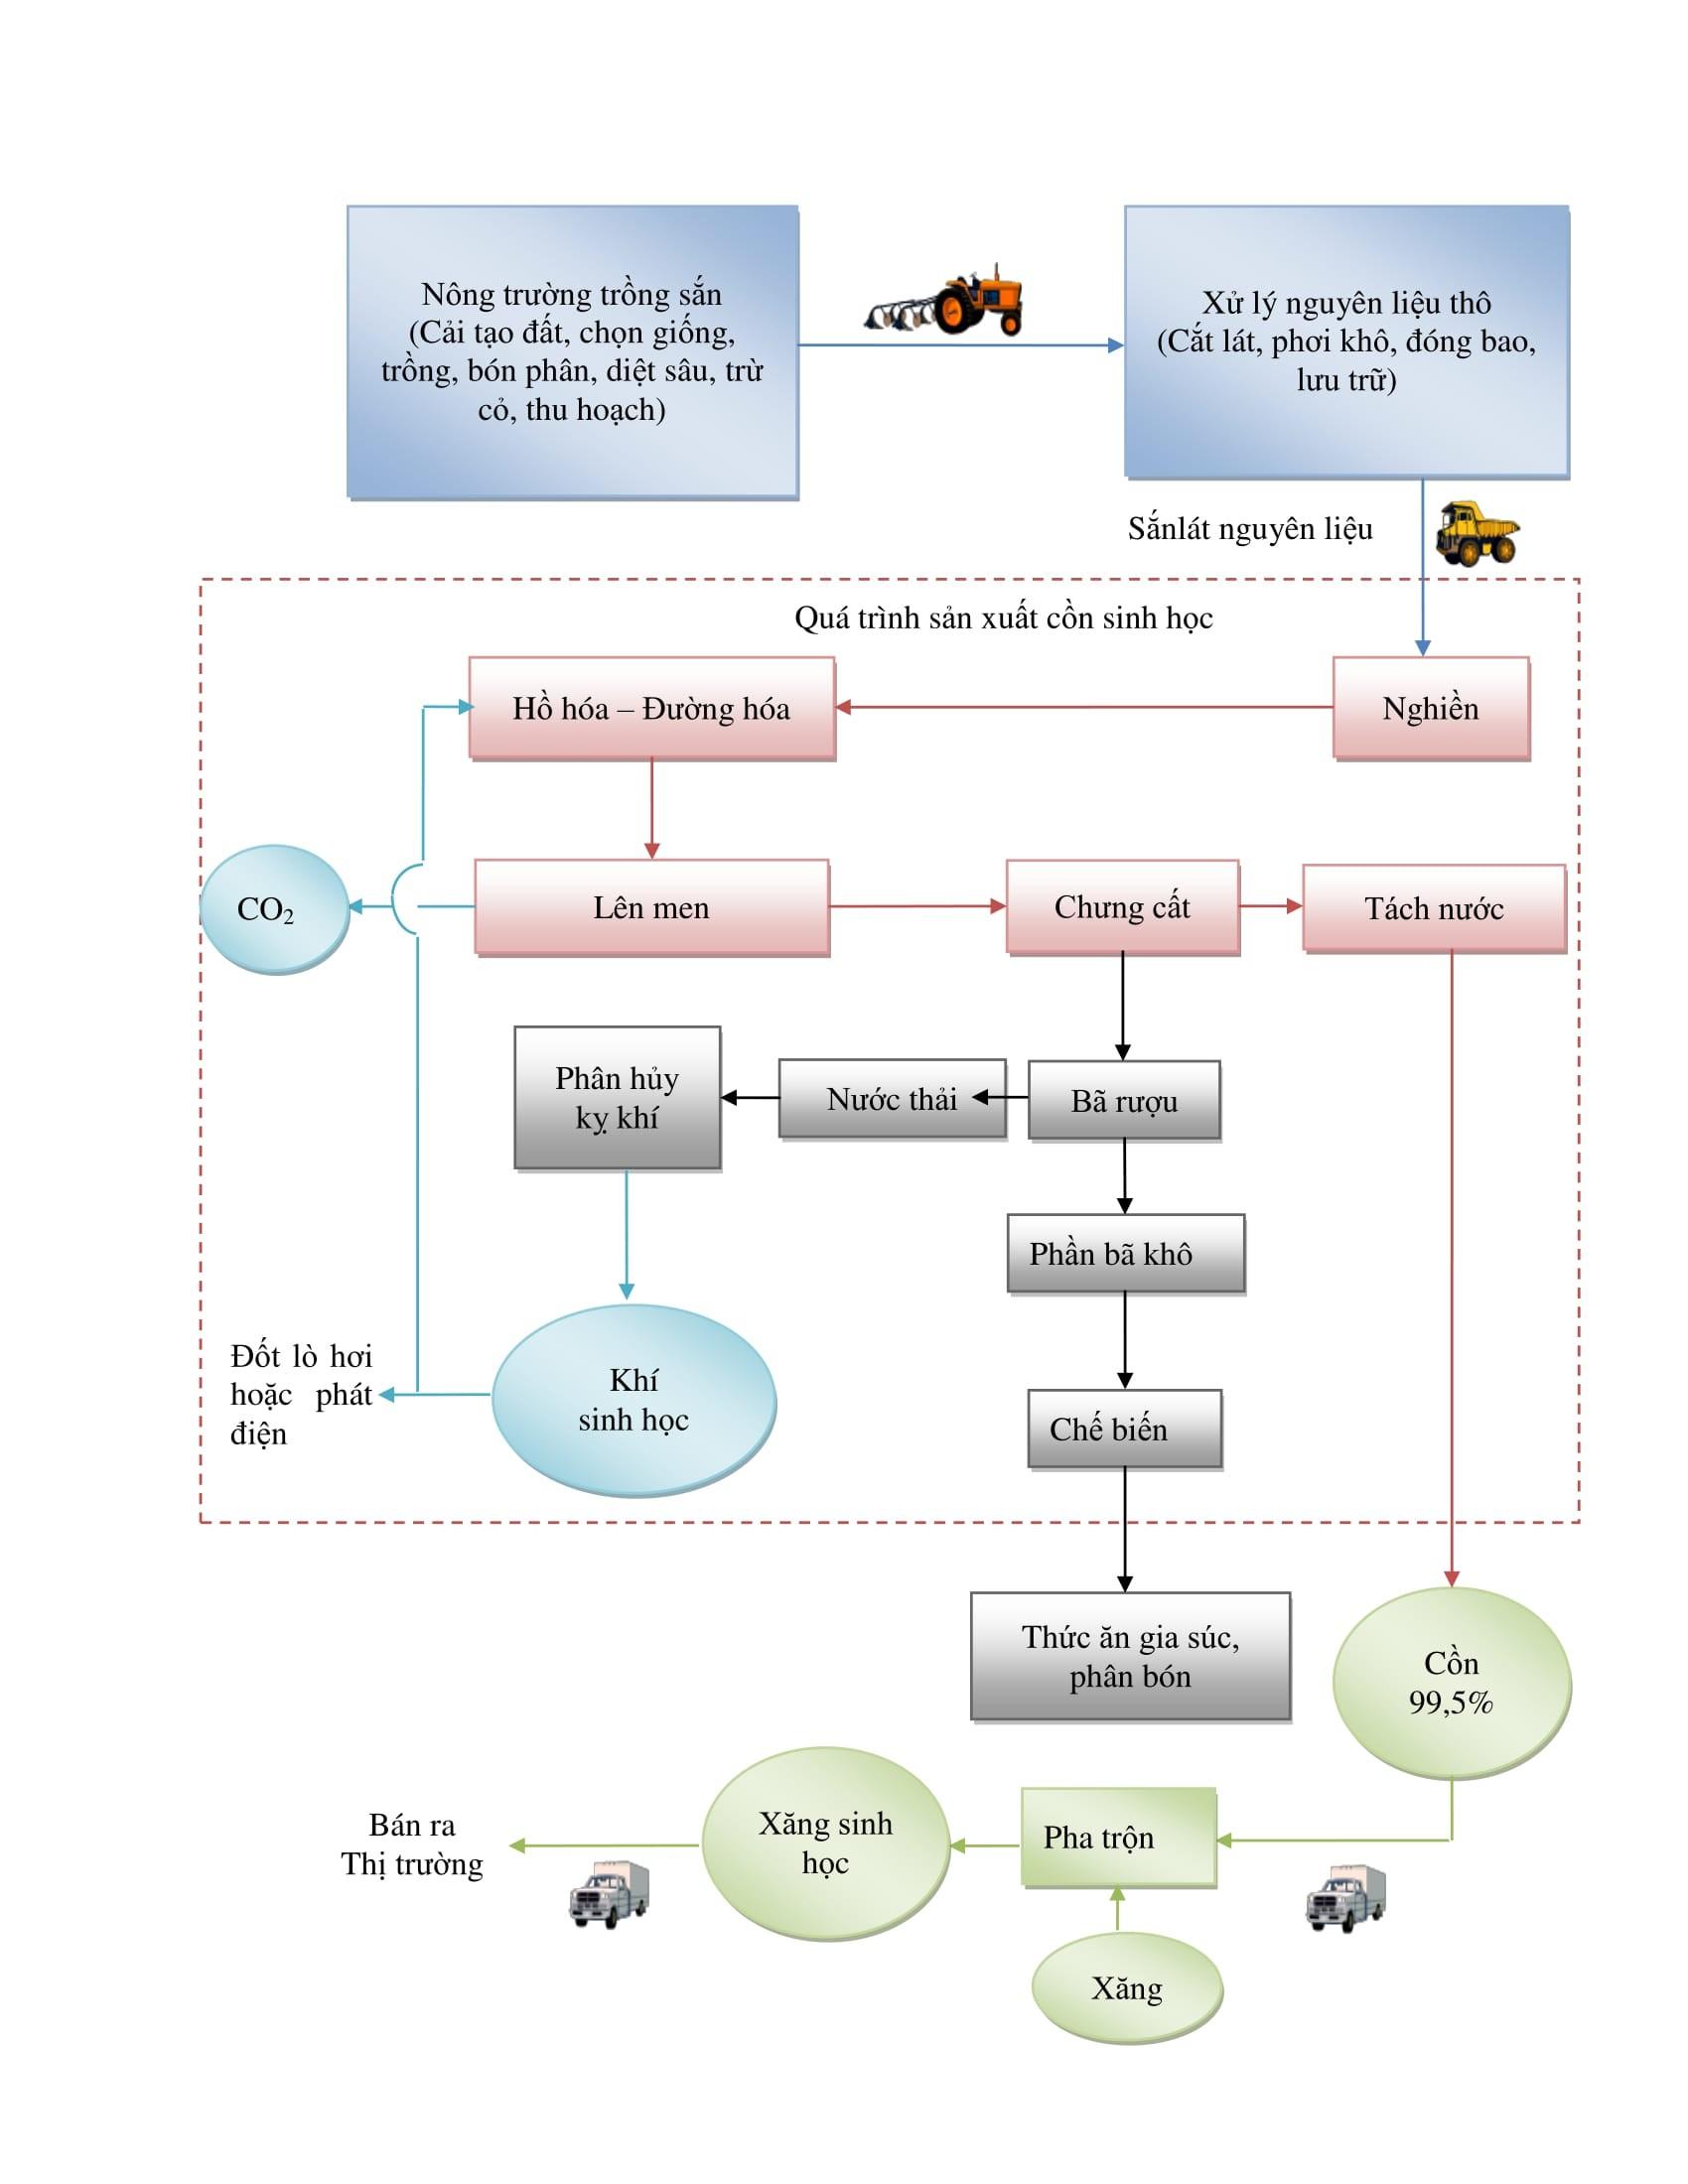 Dây chuyền sản xuất cồn Ethanol